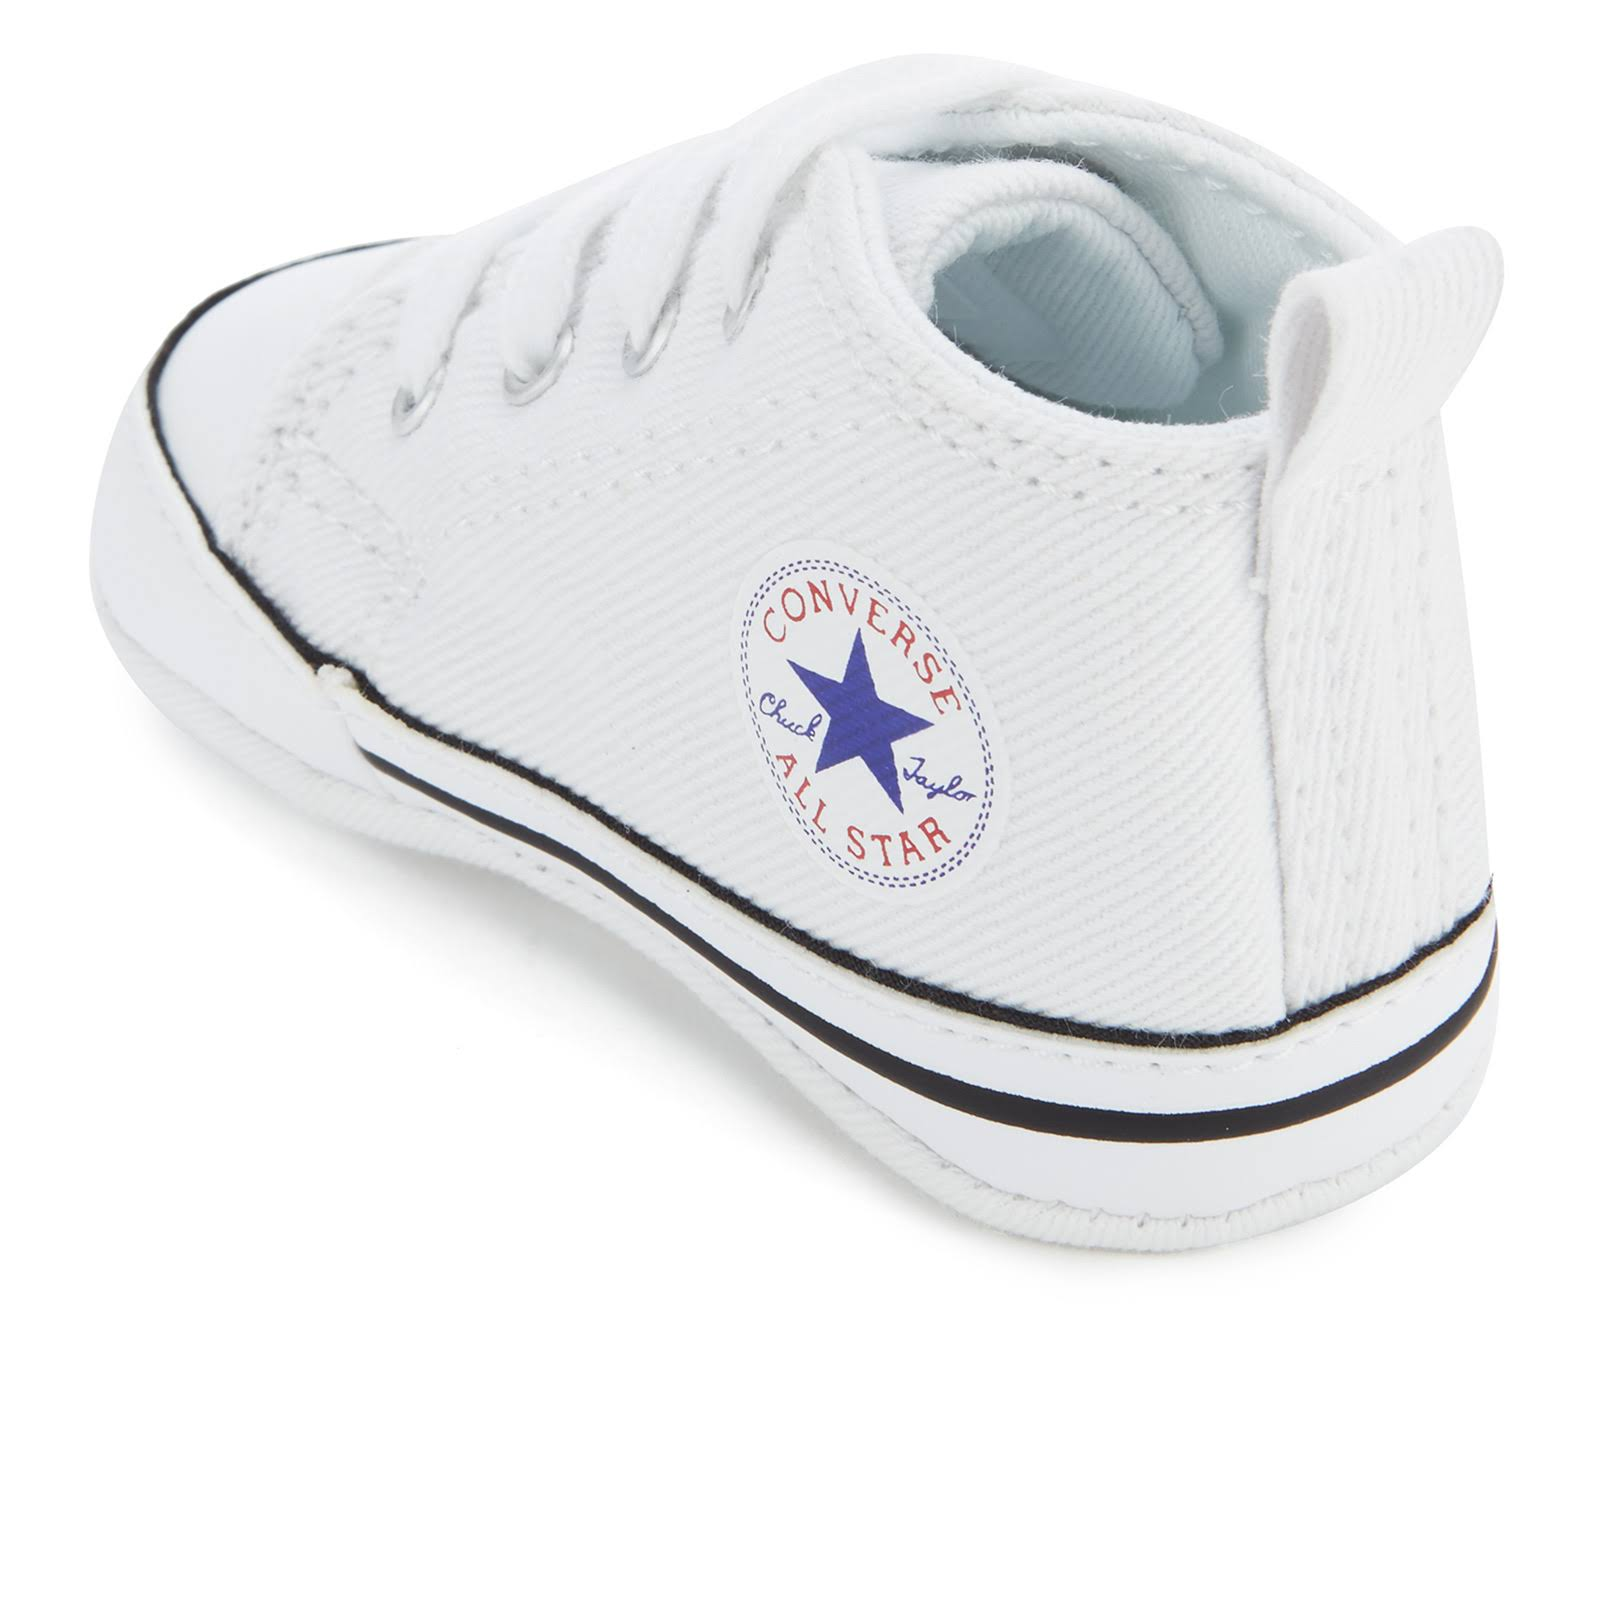 First Chuck top kinderschuhe 88877 Star Taylor Weiß High Converse In 1EqwXg1x